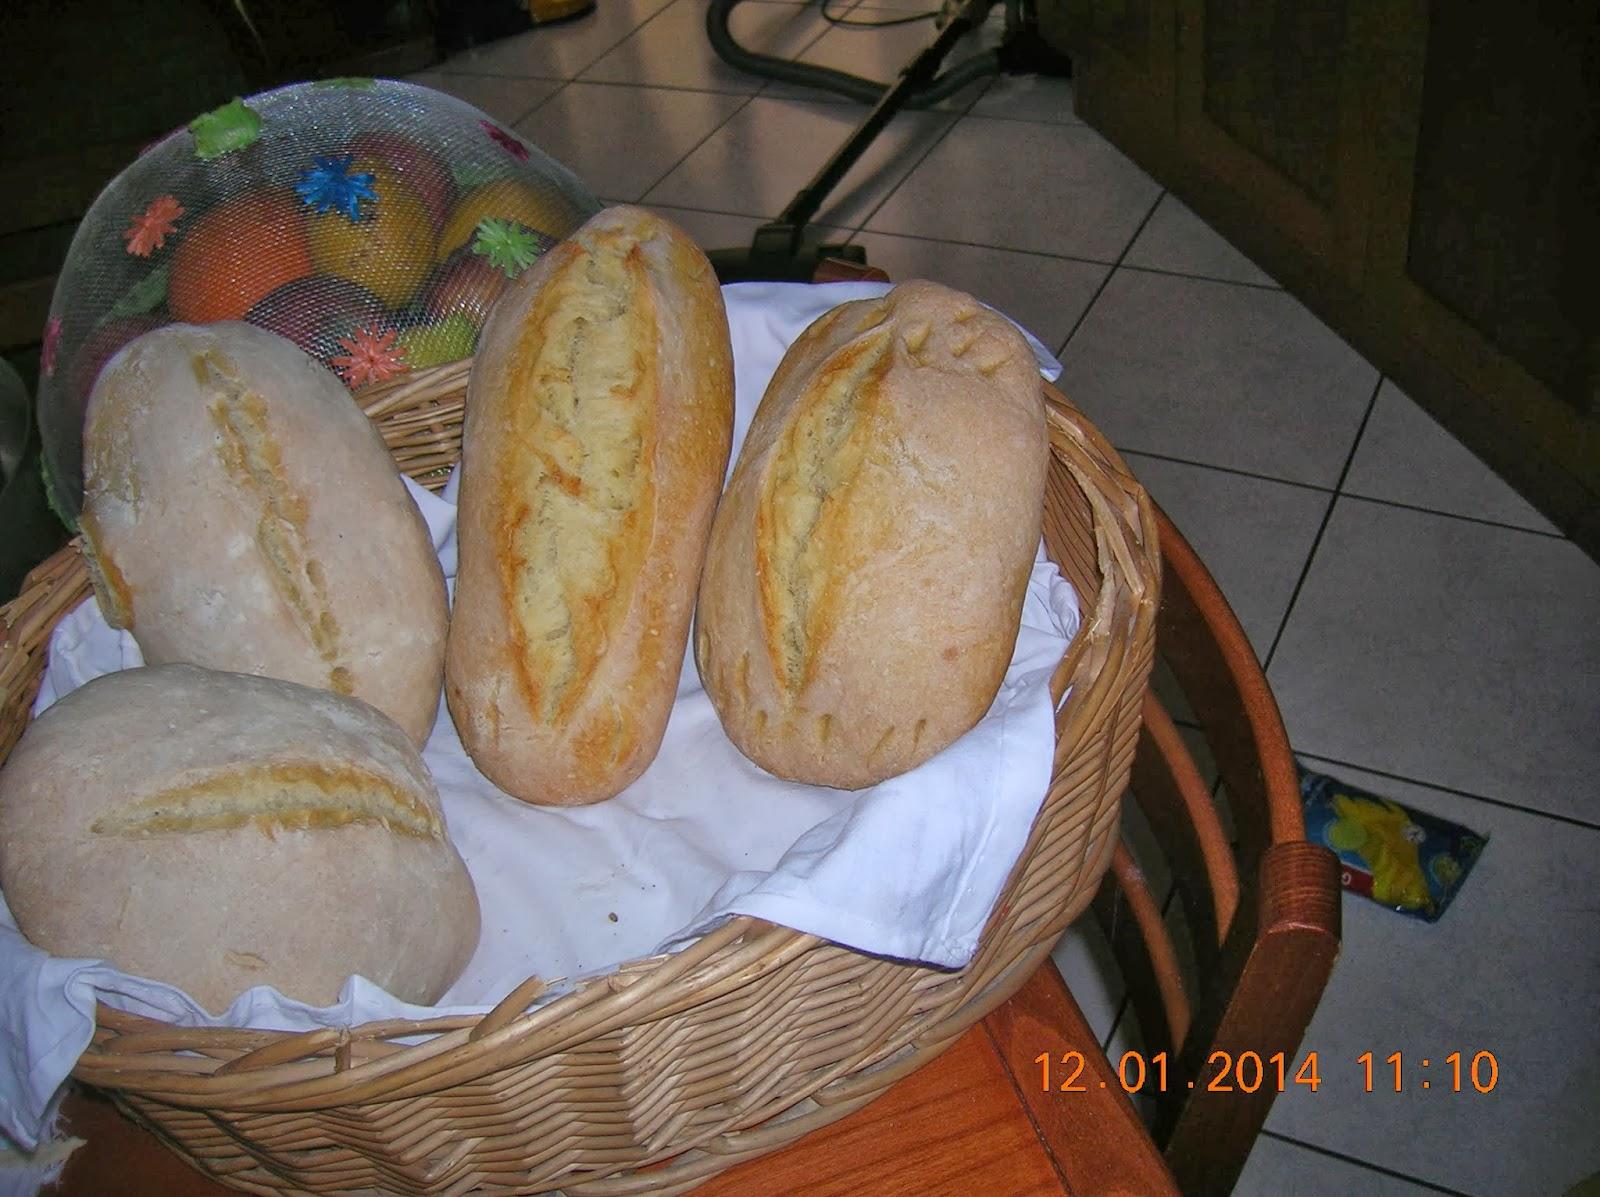 pane  fatto in casa - fettuccine rigate fatte in casa   ai funghi ... petto  di pollo farcito